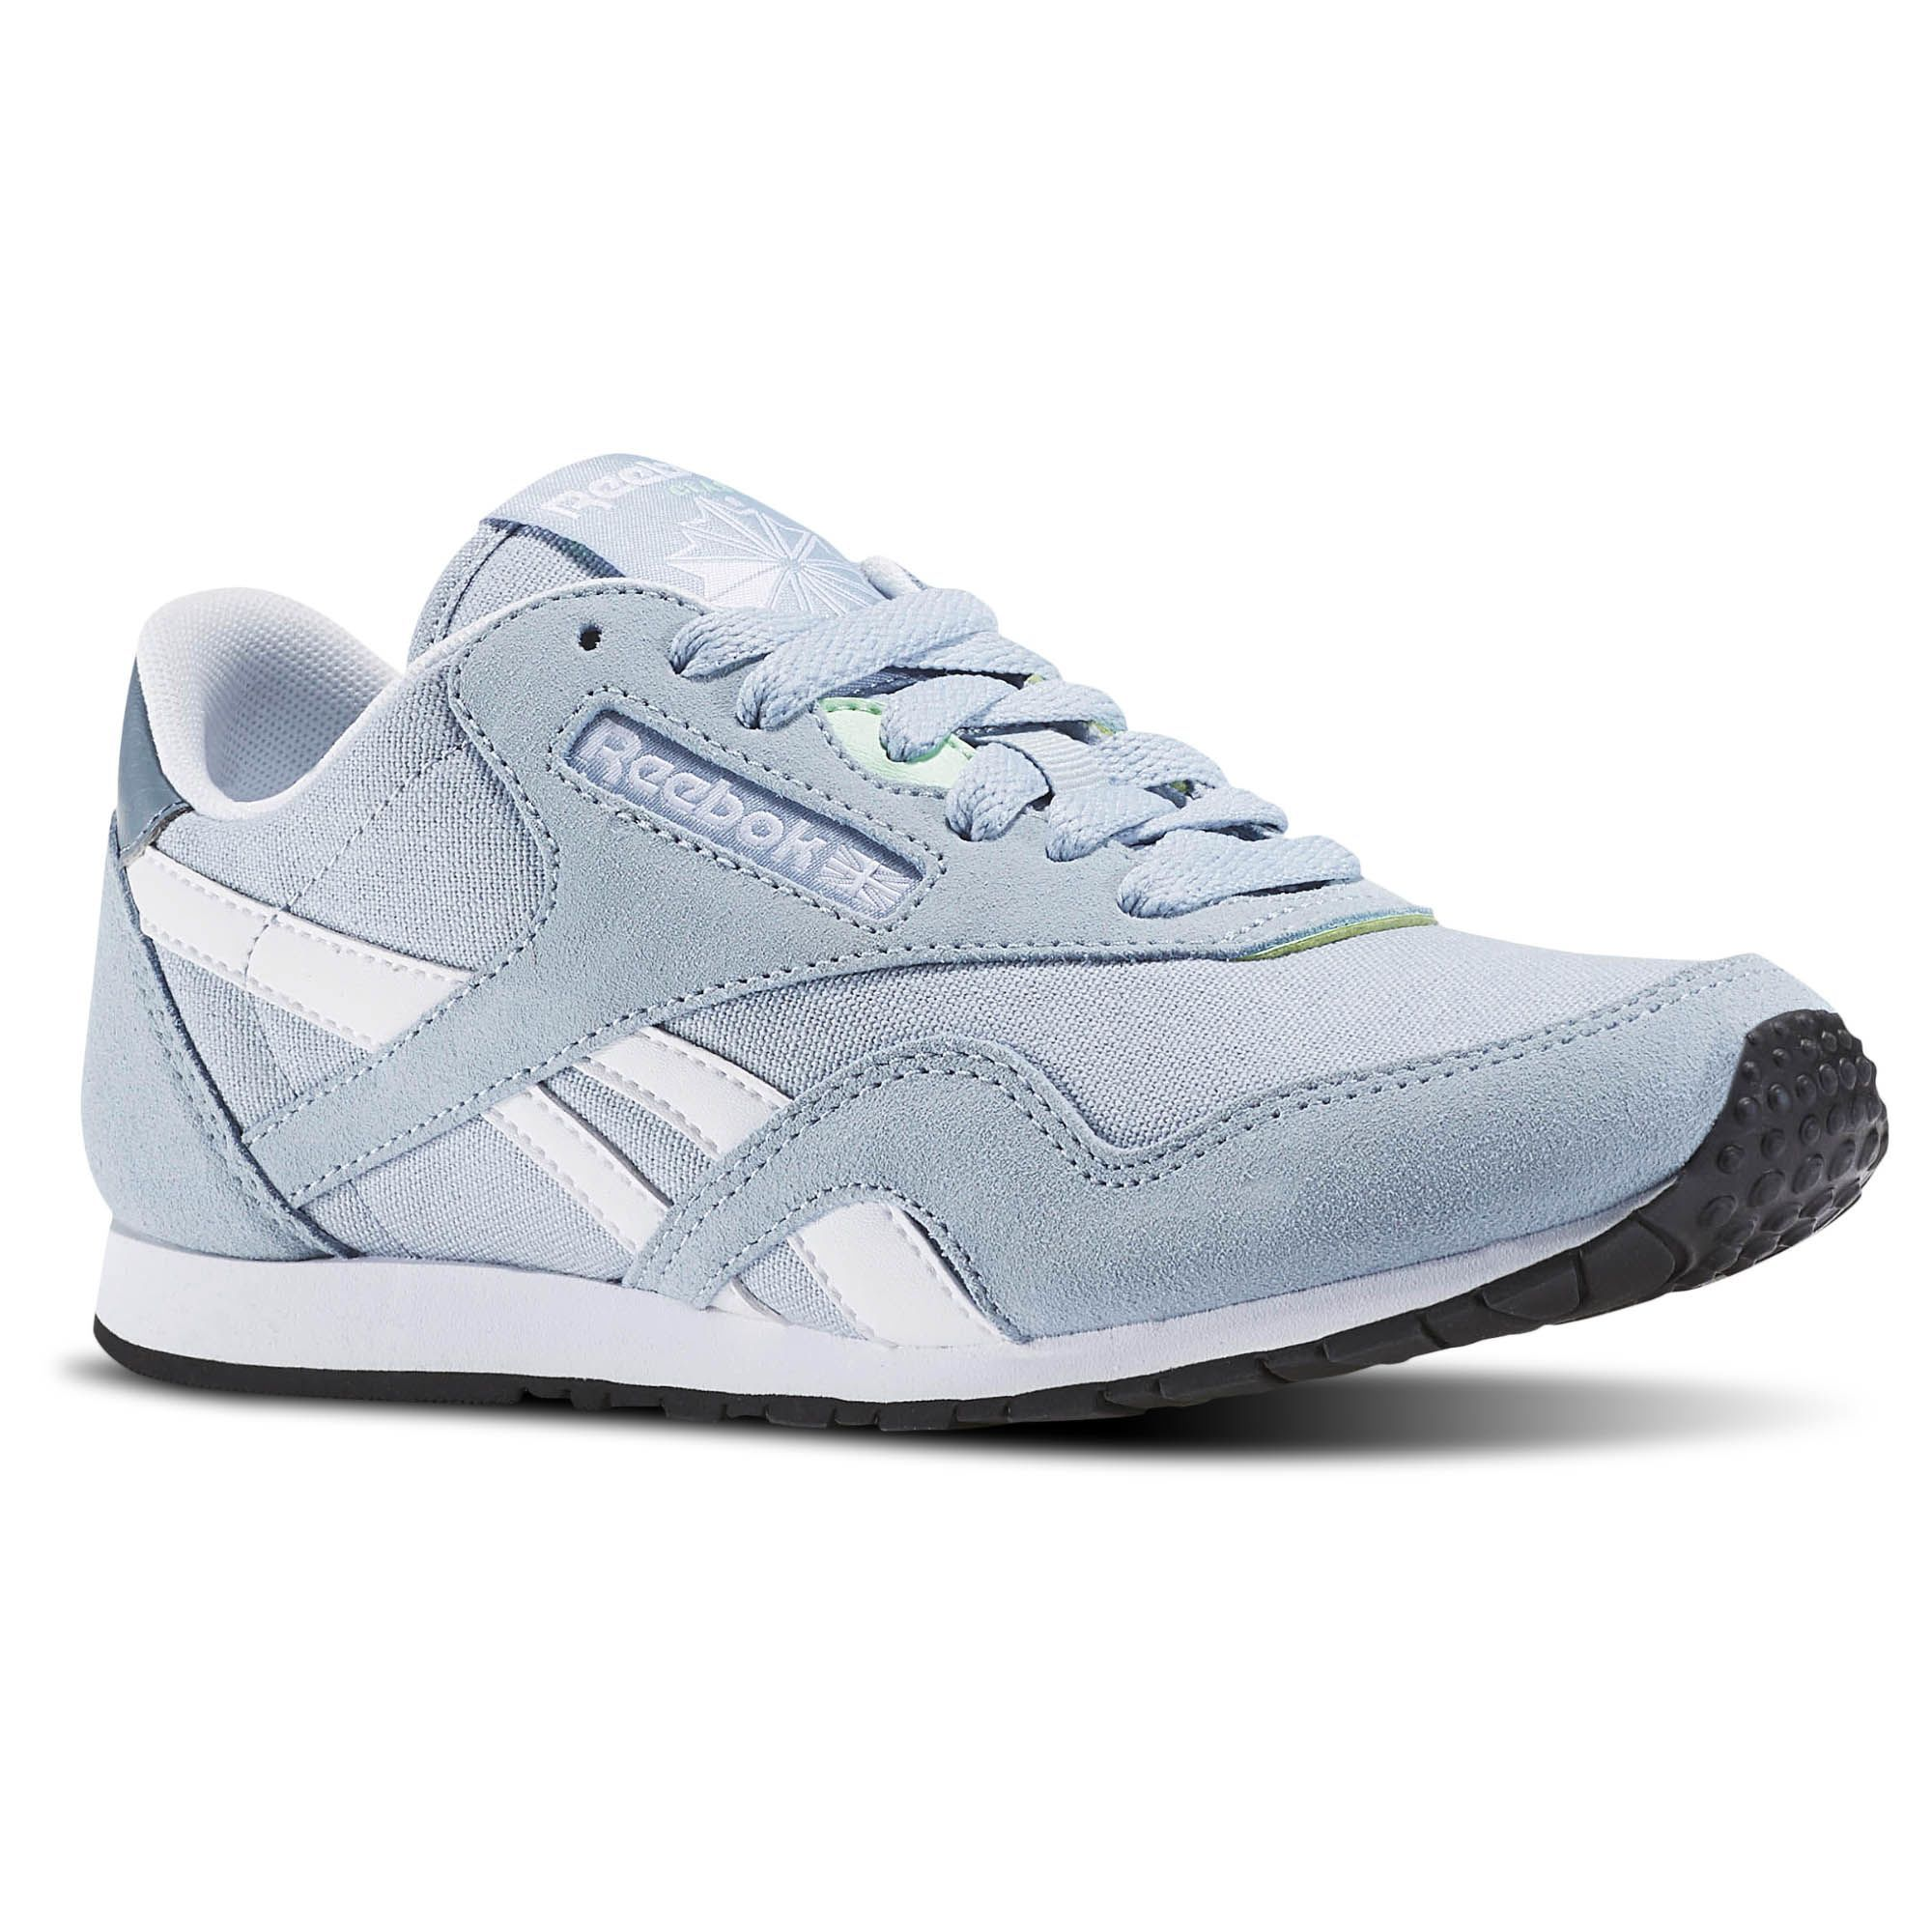 Reebok BD1784 CL NYLON SLIM HV Gri Bayan Yürüyüş Koşu Ayakkabısı